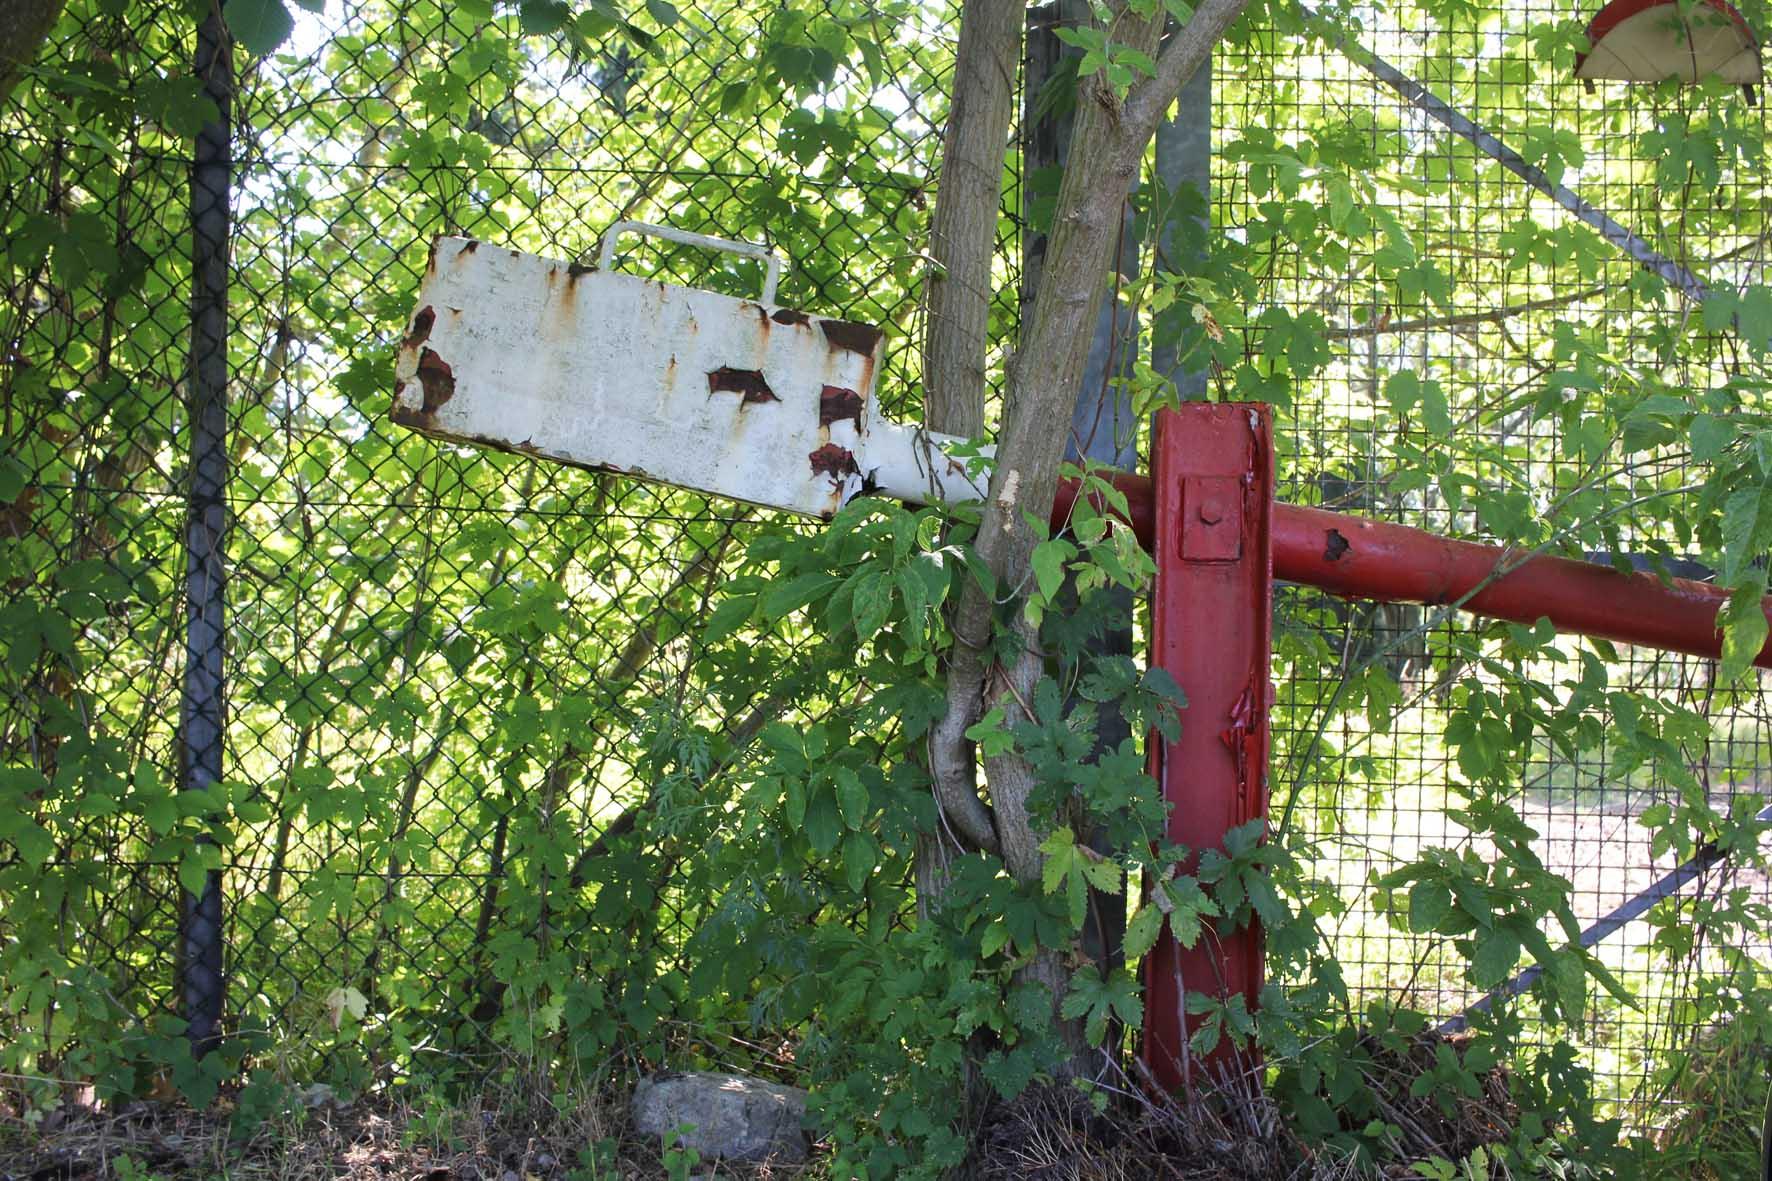 Eine rostige Barriere auf der Osdorfer Strasse an einem Grenzzaun Parks Range und Doughboy City - ein ehemaliger Truppenübungsplatz der US Army Berlin Brigade